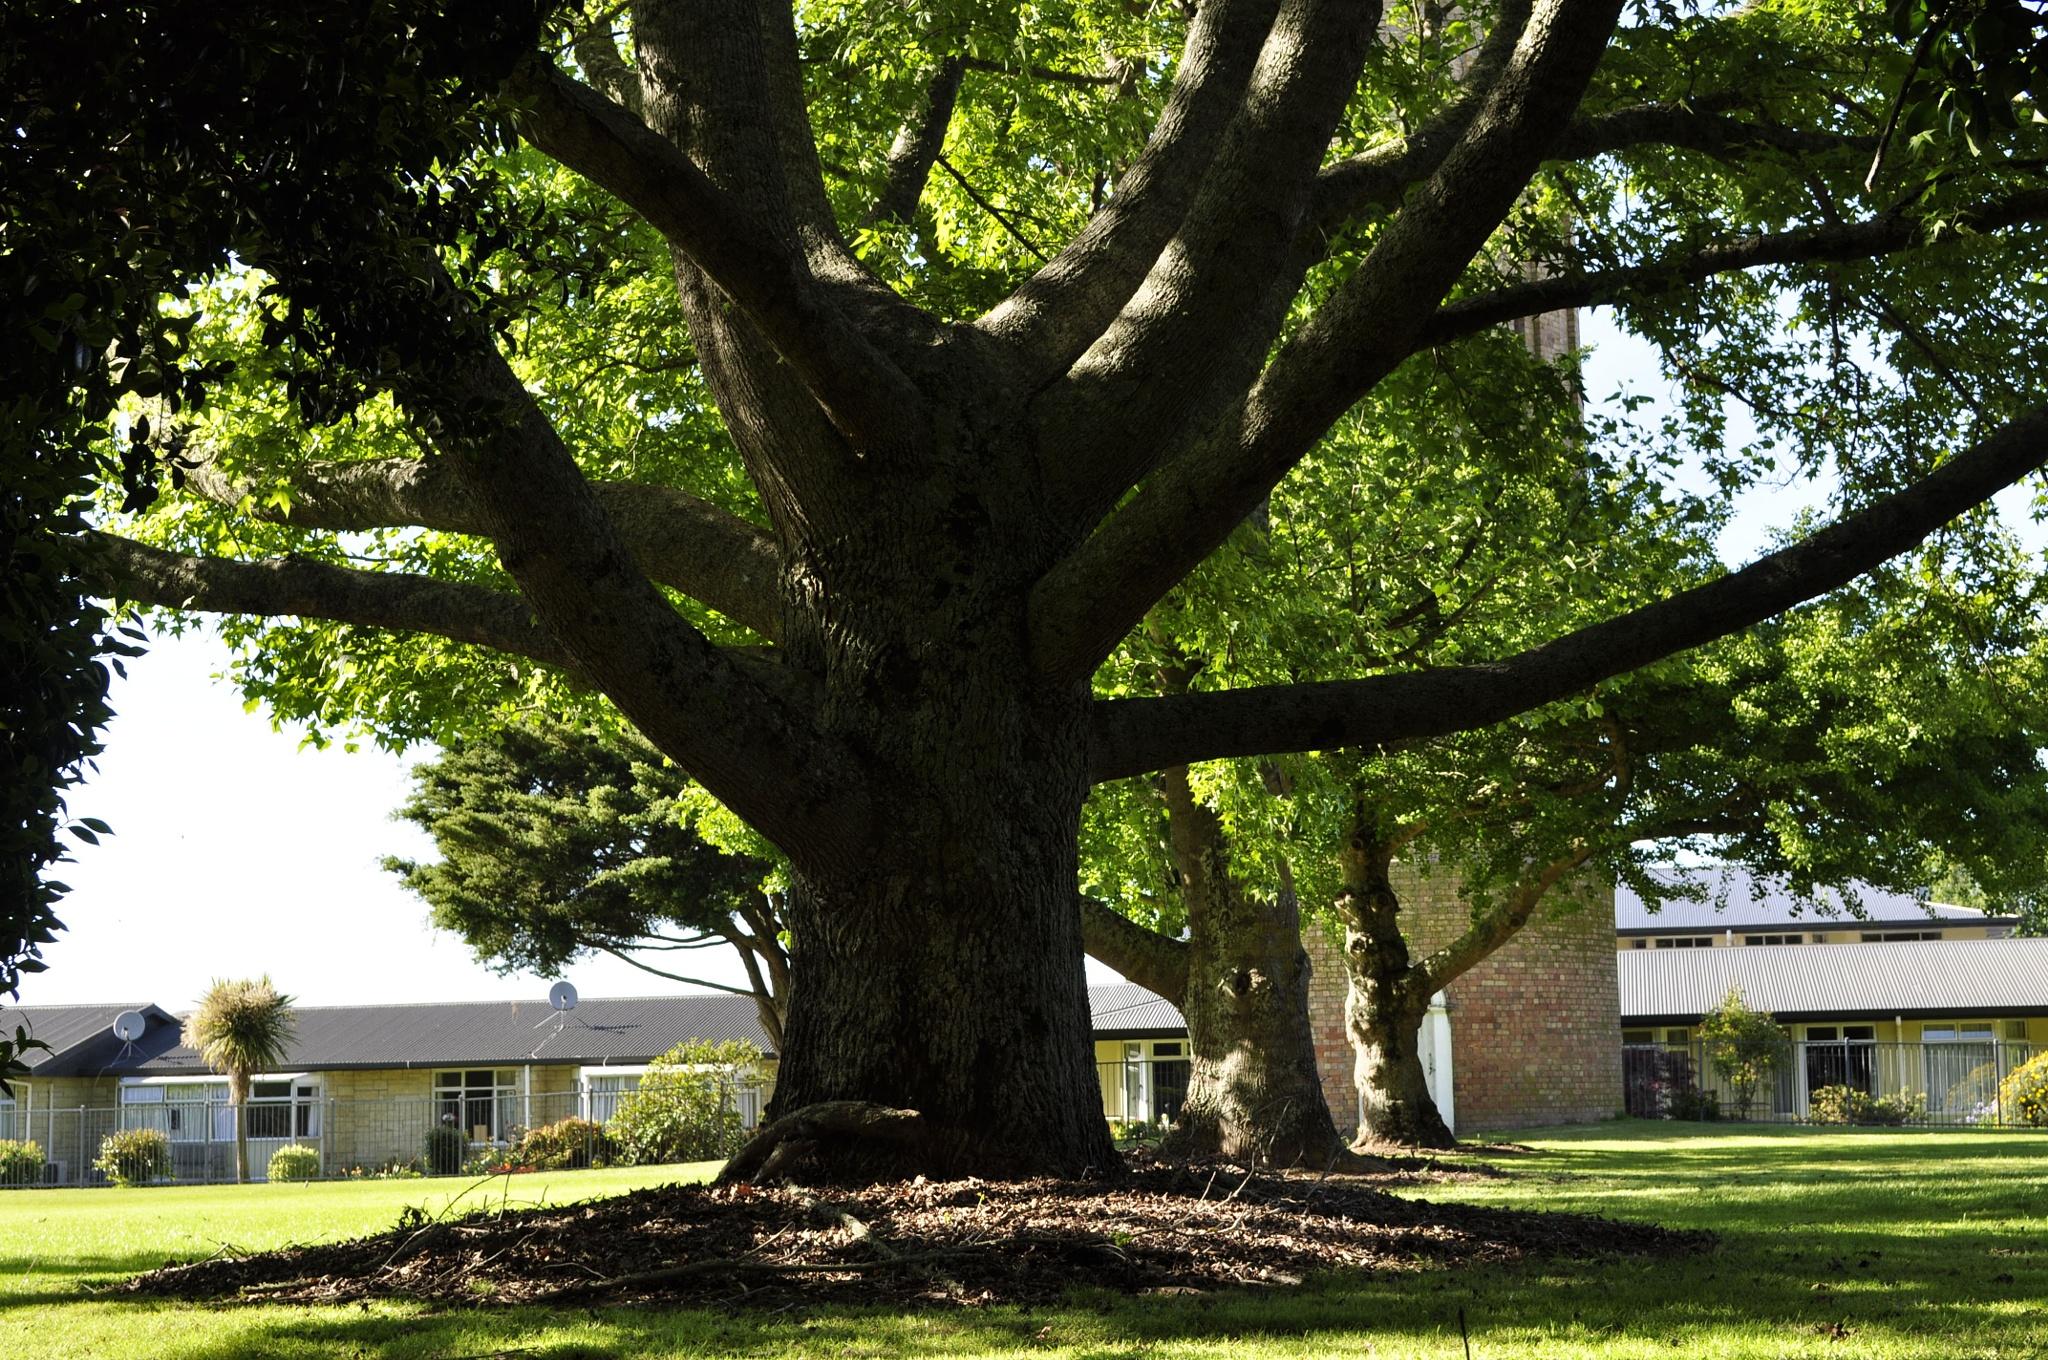 Old Tree by Ellen Lauder